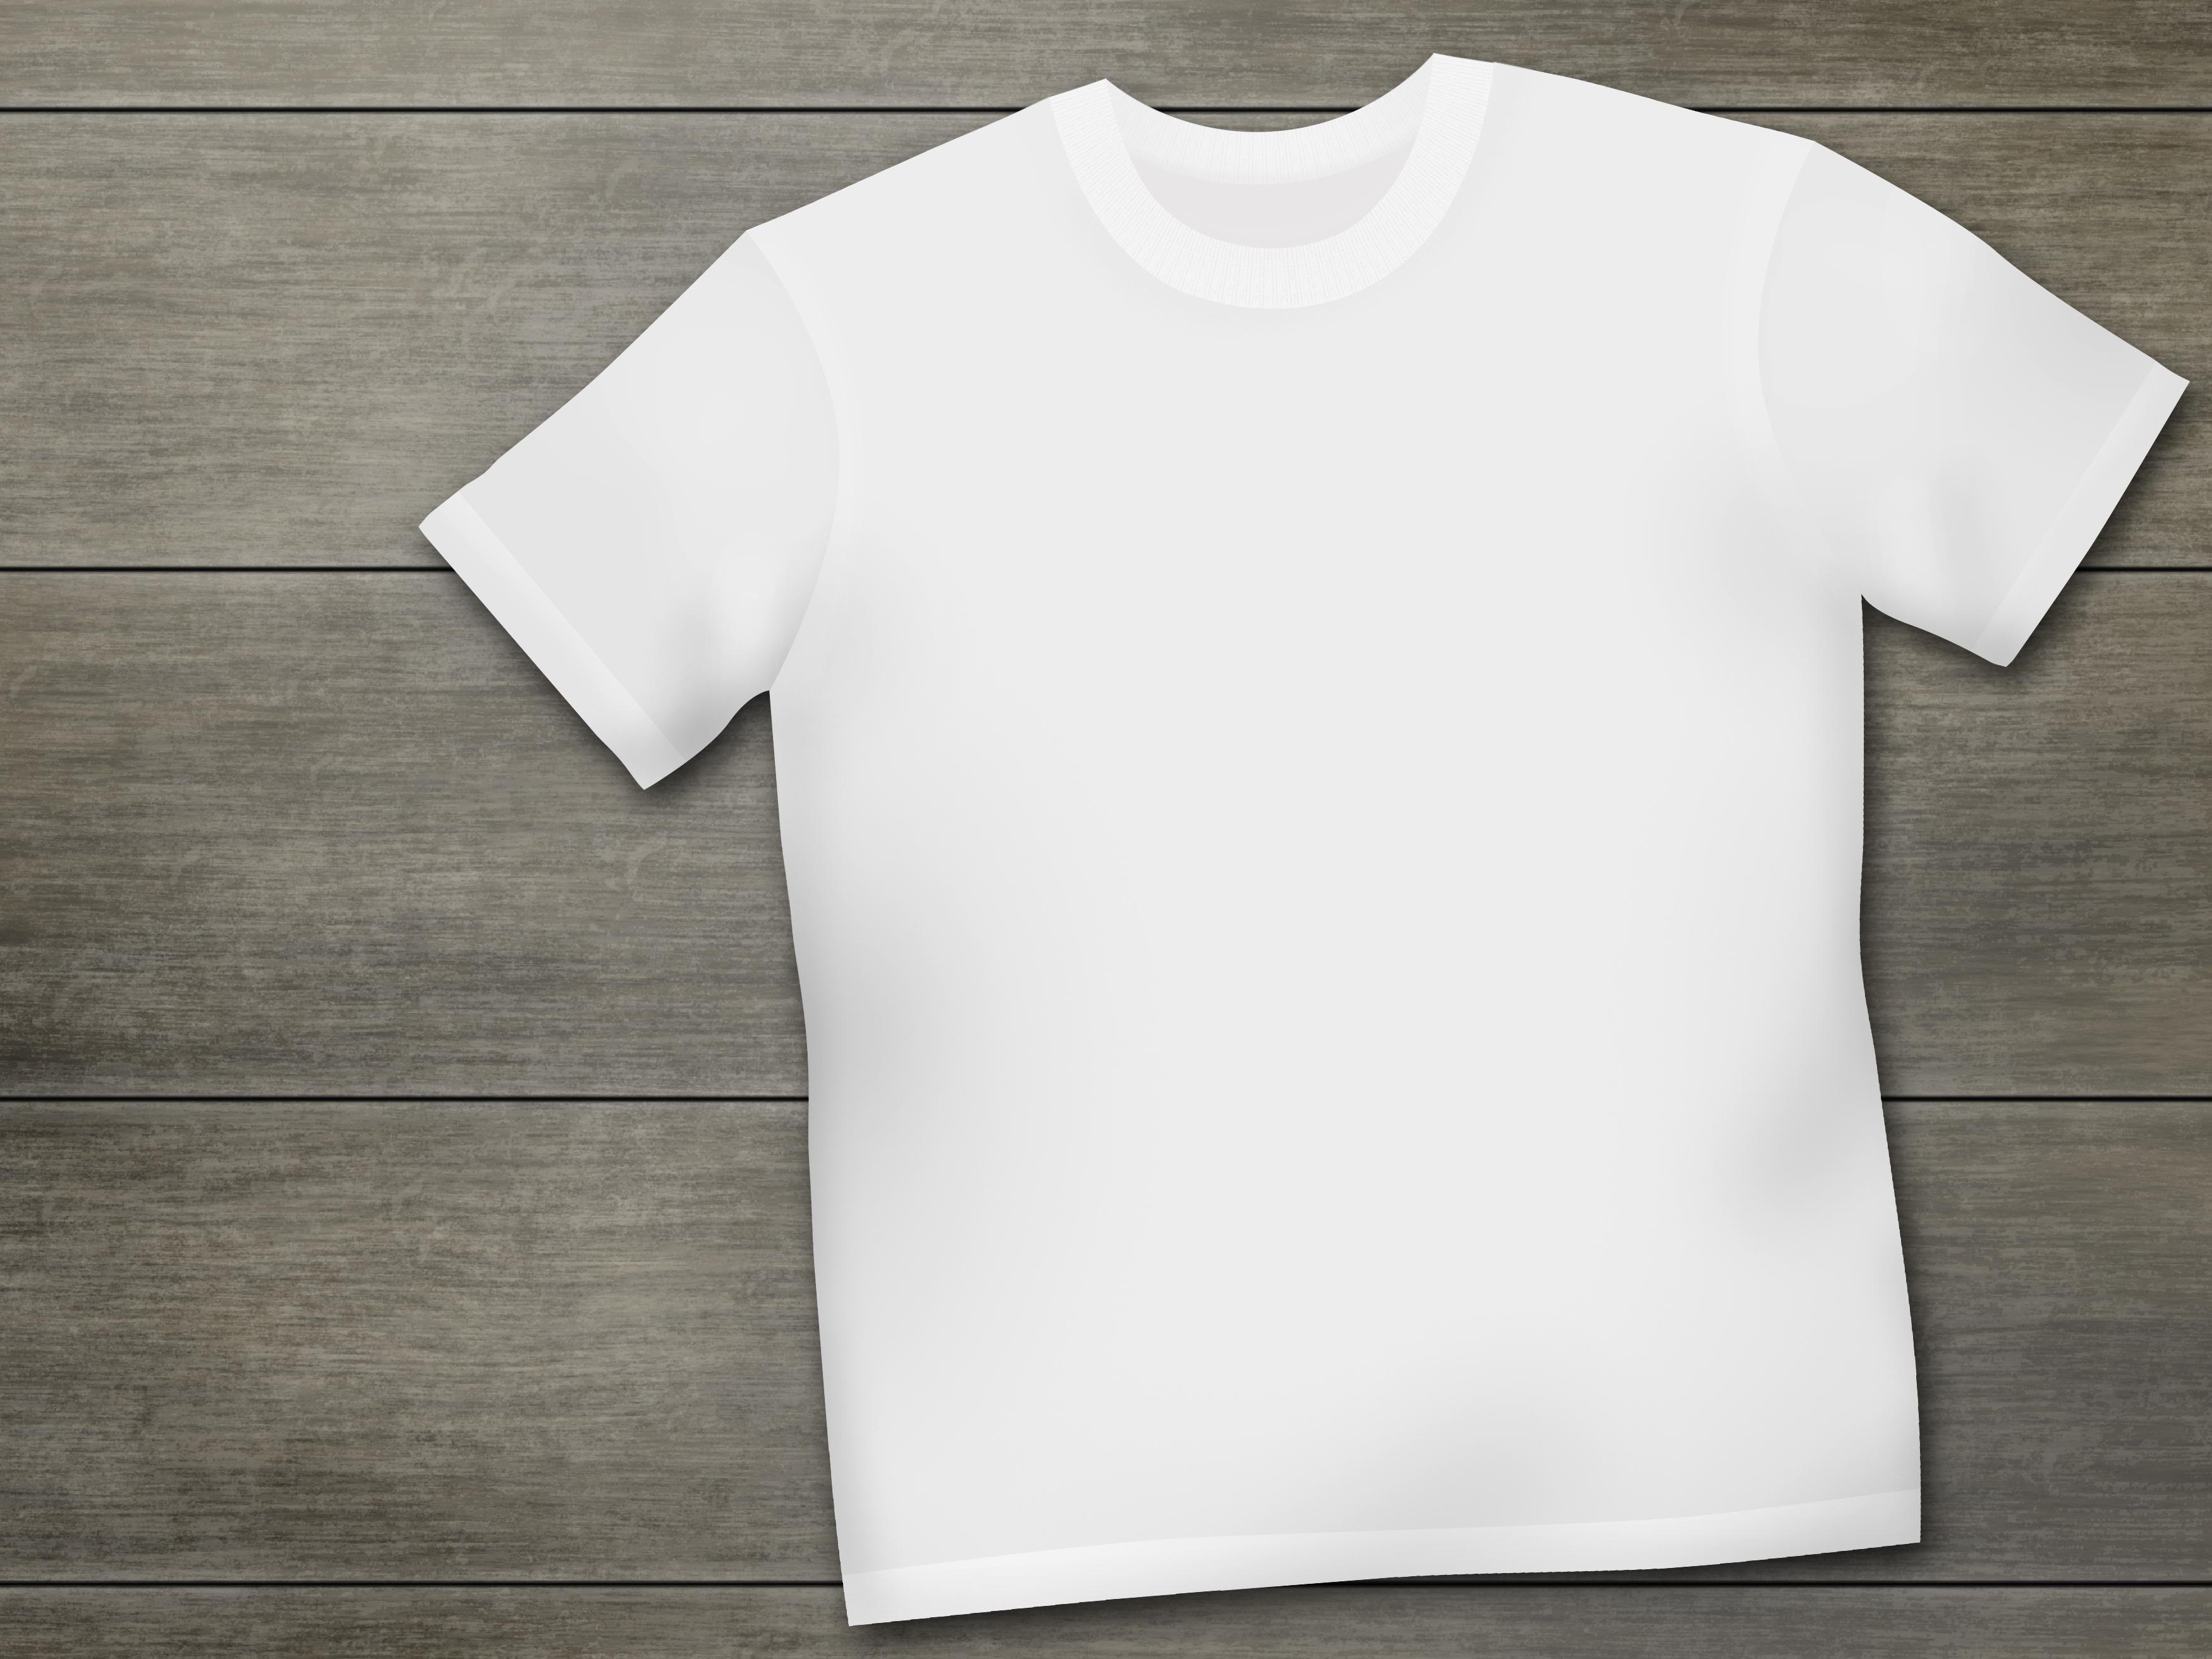 Kids T Shirt Mockup Product Mockup By Design Bundles